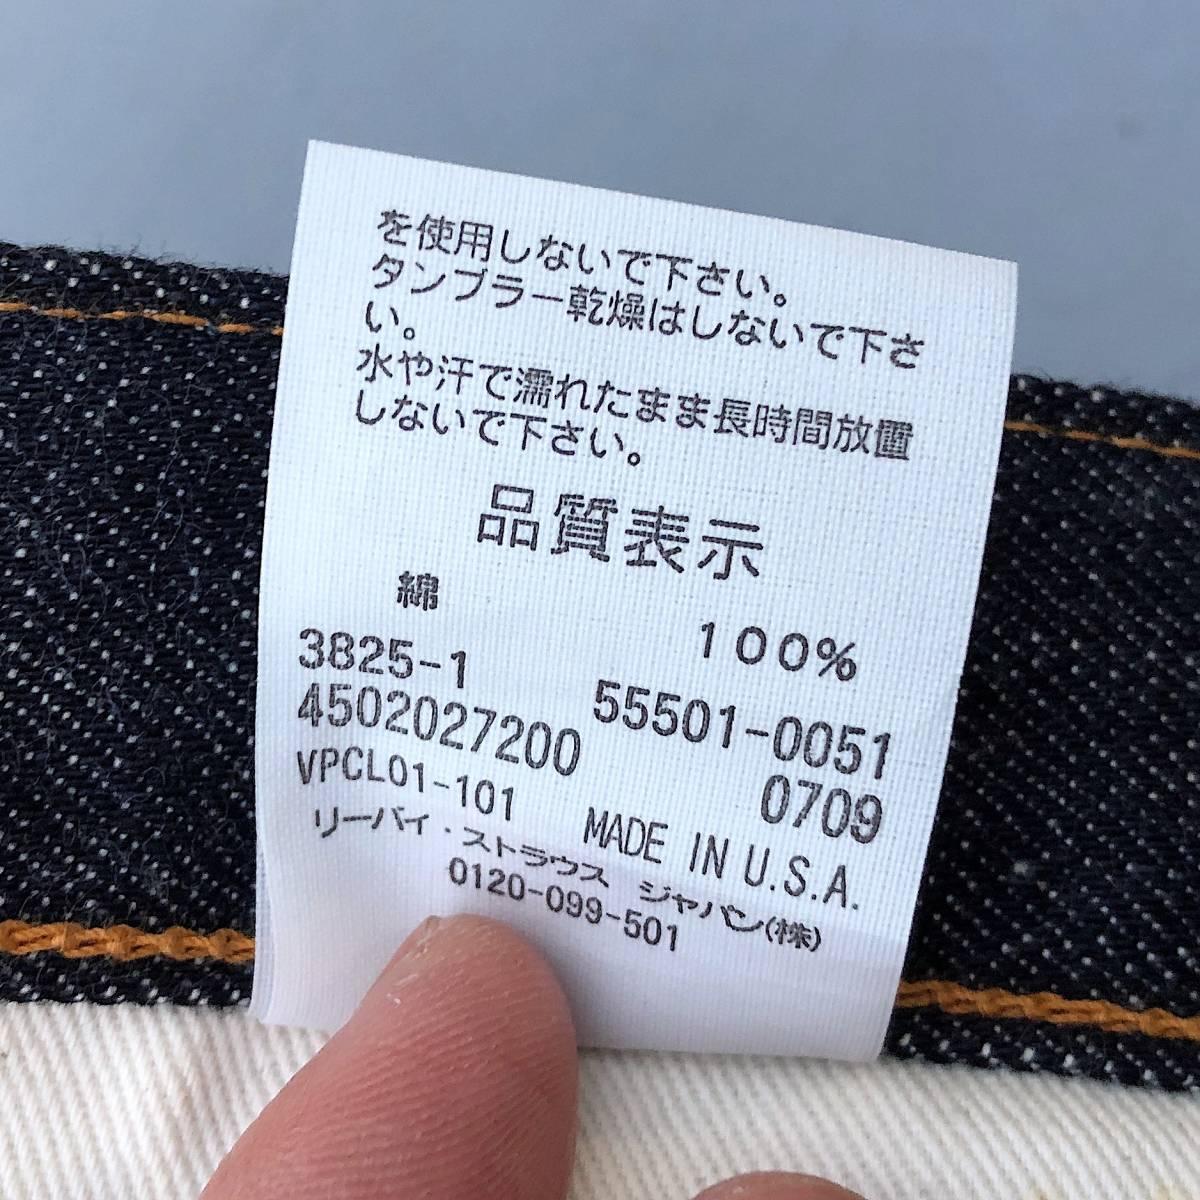 旧 米国製 1955モデル 日本企画 LEVI'S VINTAGE CLOTHING 501XX 55501-0051 W34 L36 リジッド 新品デニムパンツ アメリカUSA製 50s 55s LVC_画像8